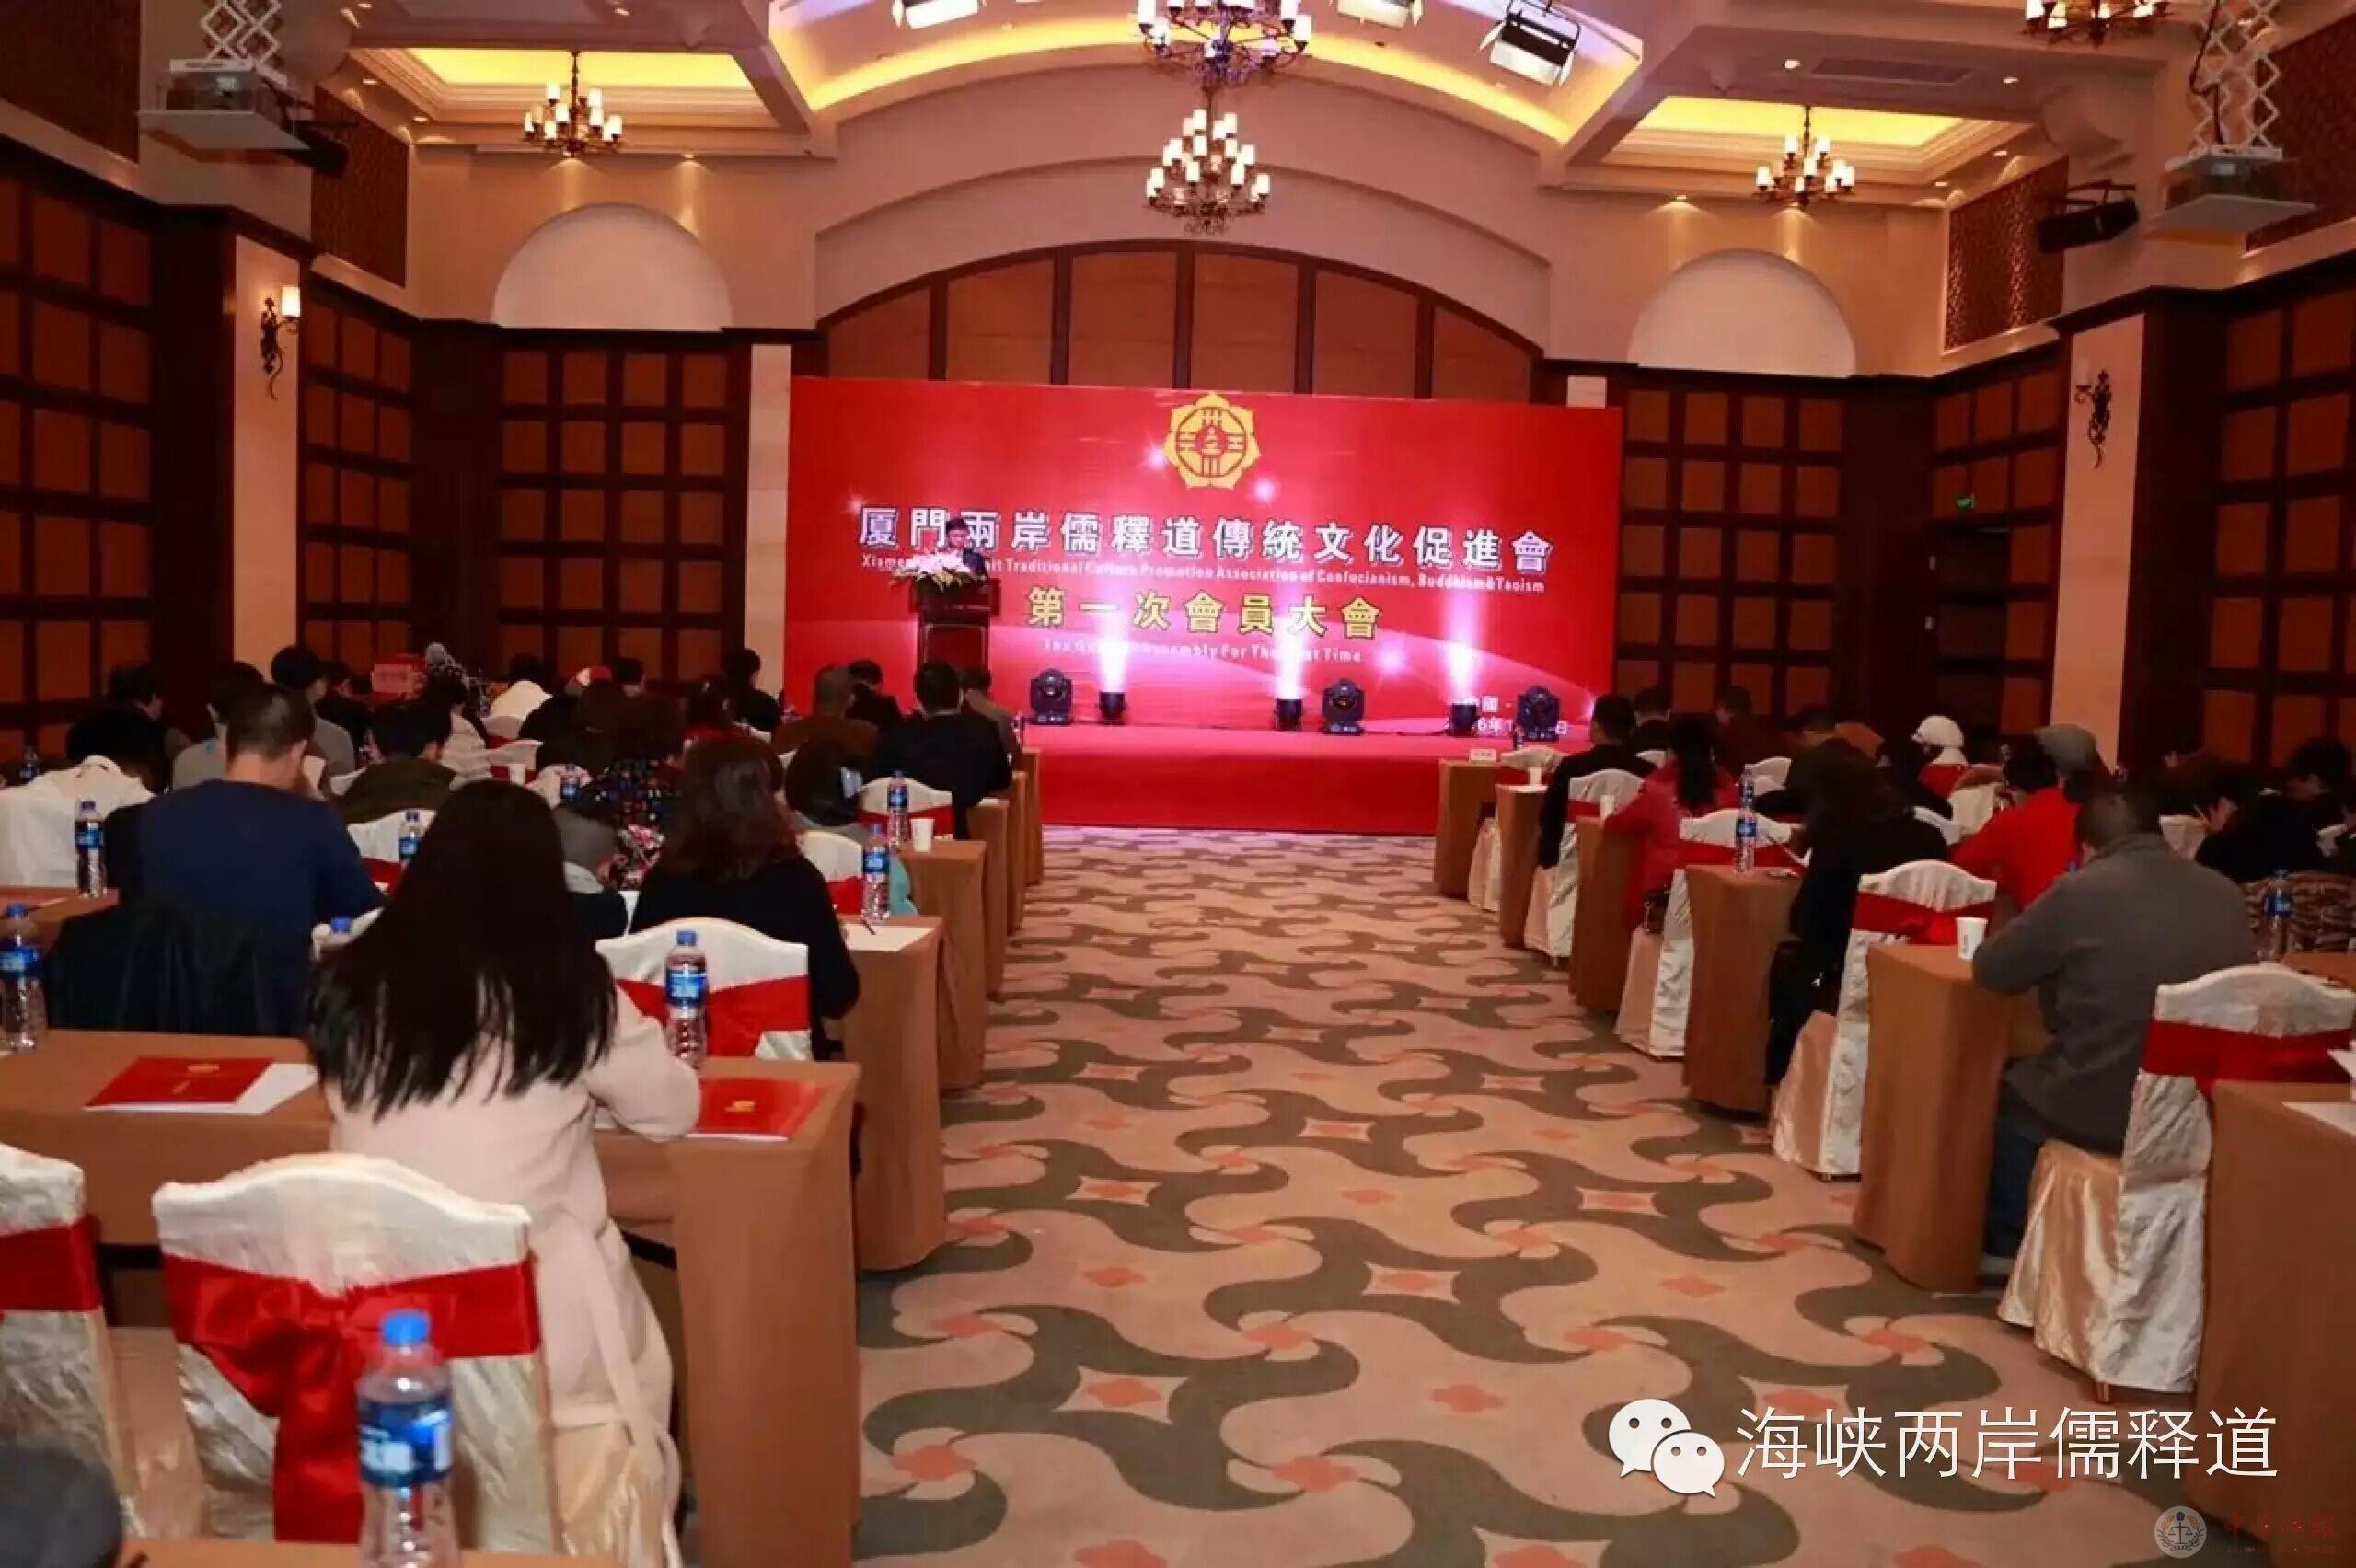 雄涛电商成立  弘扬儒释道传统文化